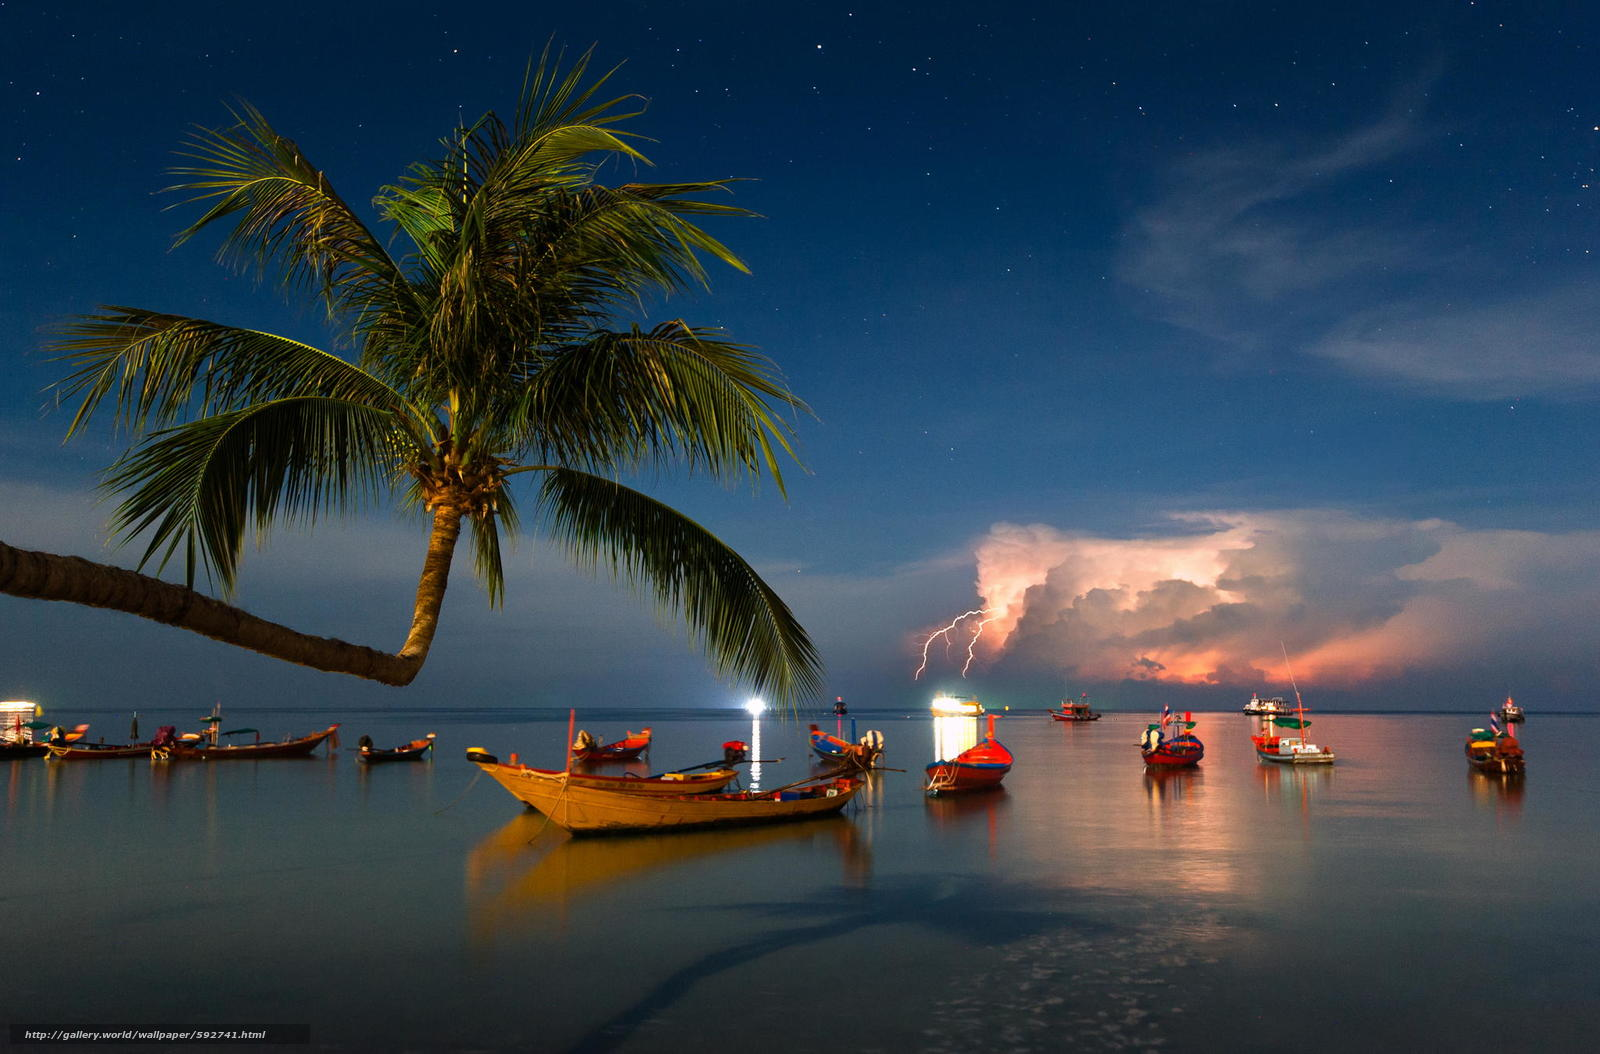 Скачать обои шторм,  лодки,  пальма,  Таиланд бесплатно для рабочего стола в разрешении 2048x1349 — картинка №592741